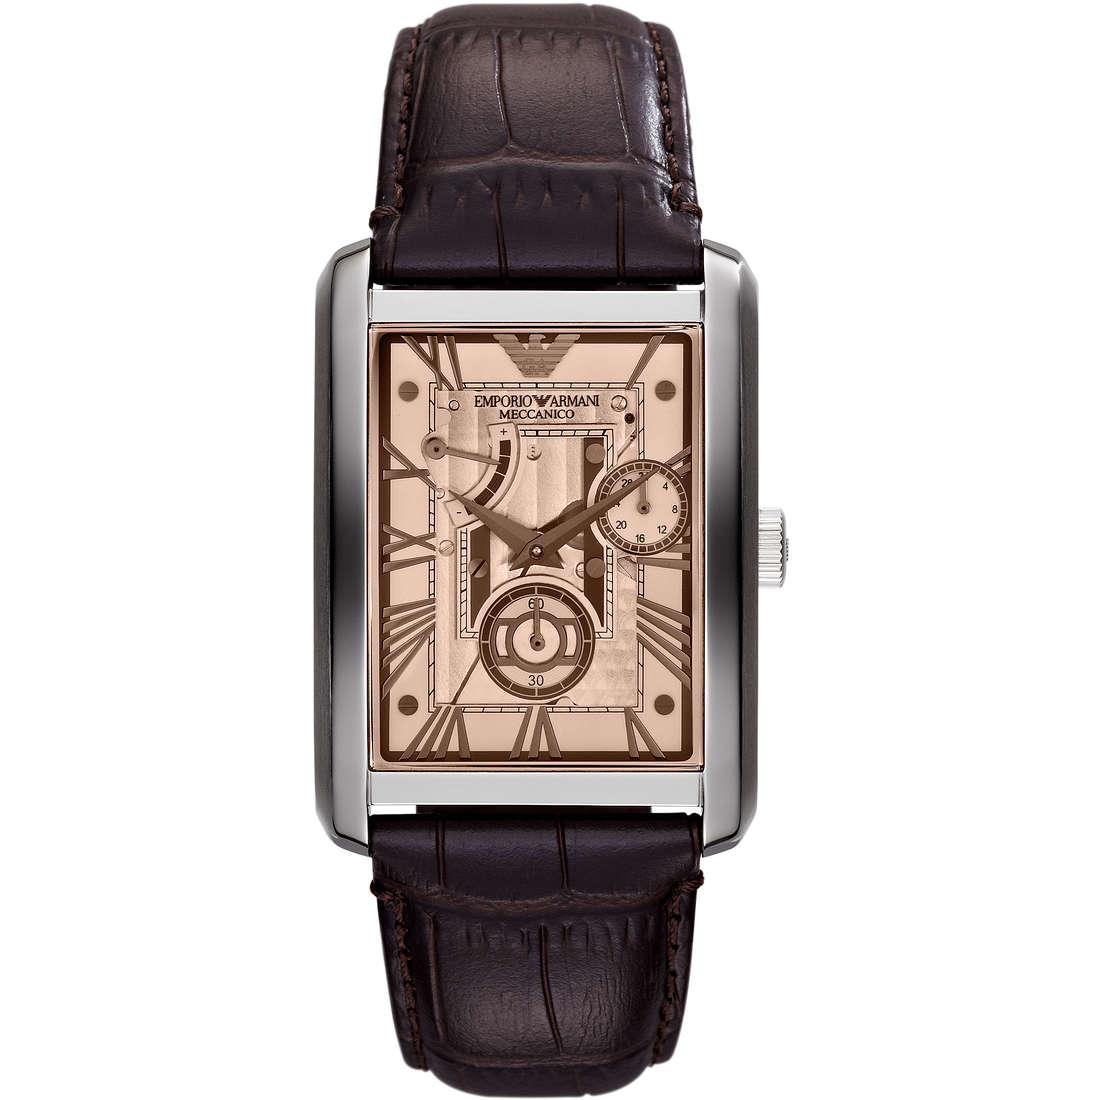 orologio meccanico uomo Emporio Armani Fall 2013 AR4243